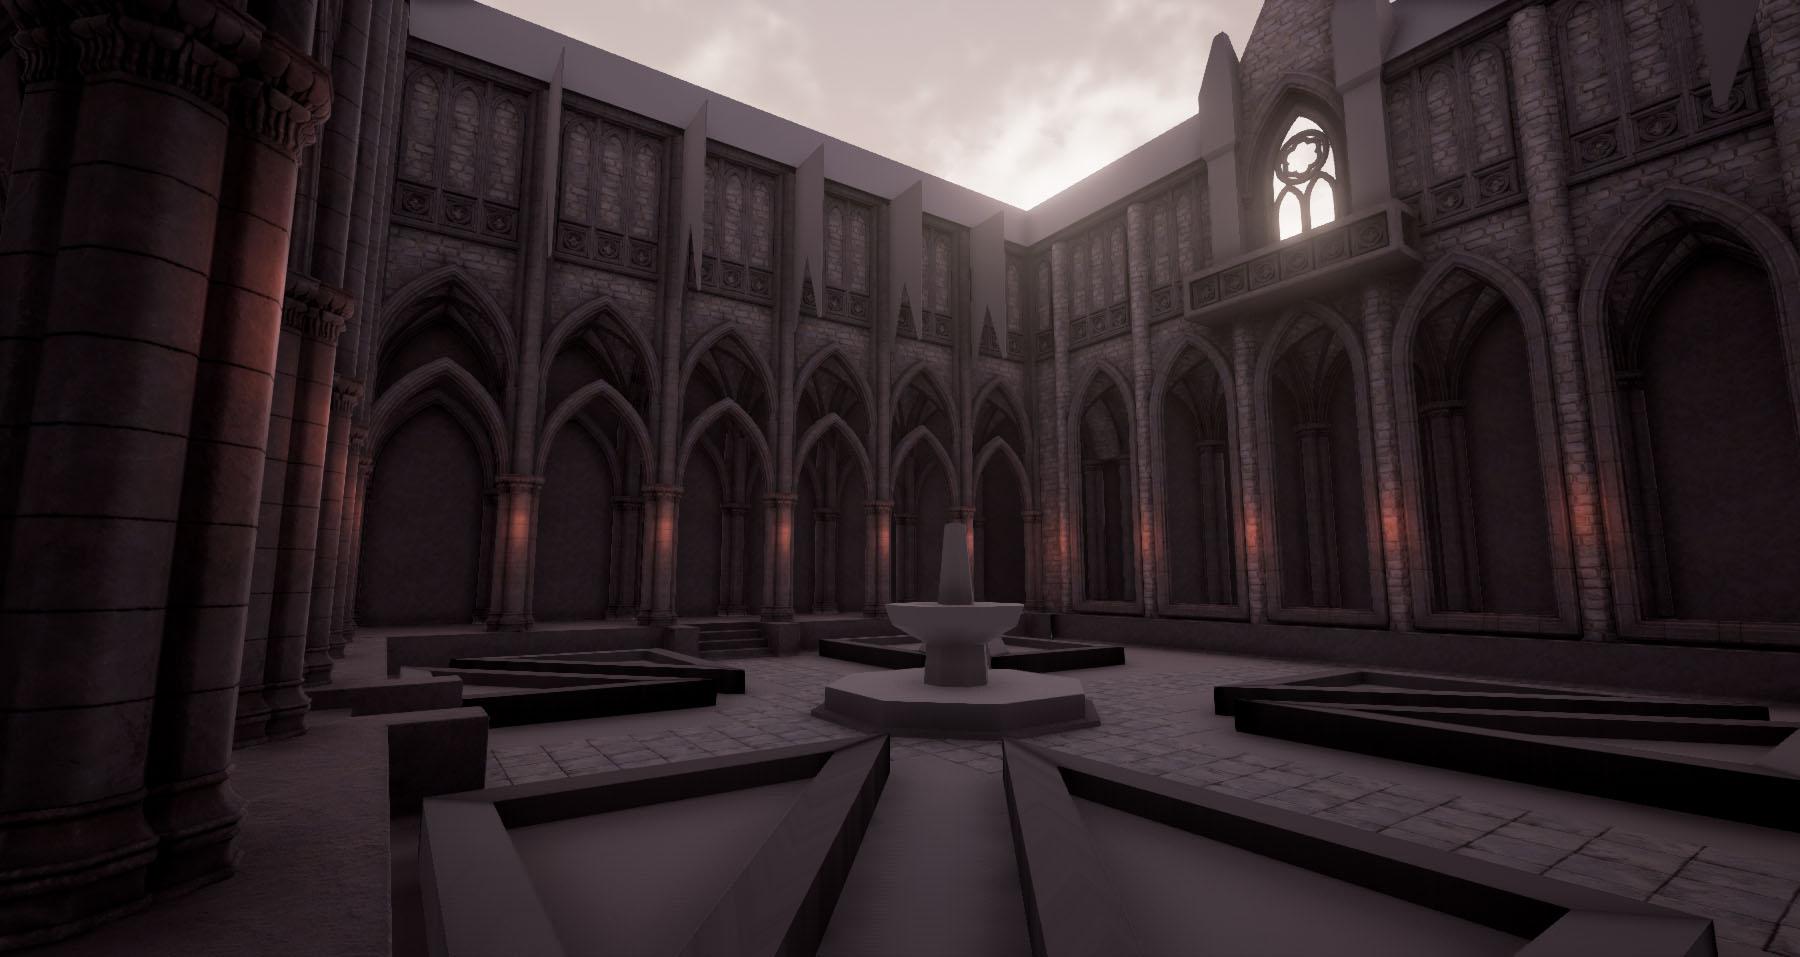 courtyard_wip4.jpg